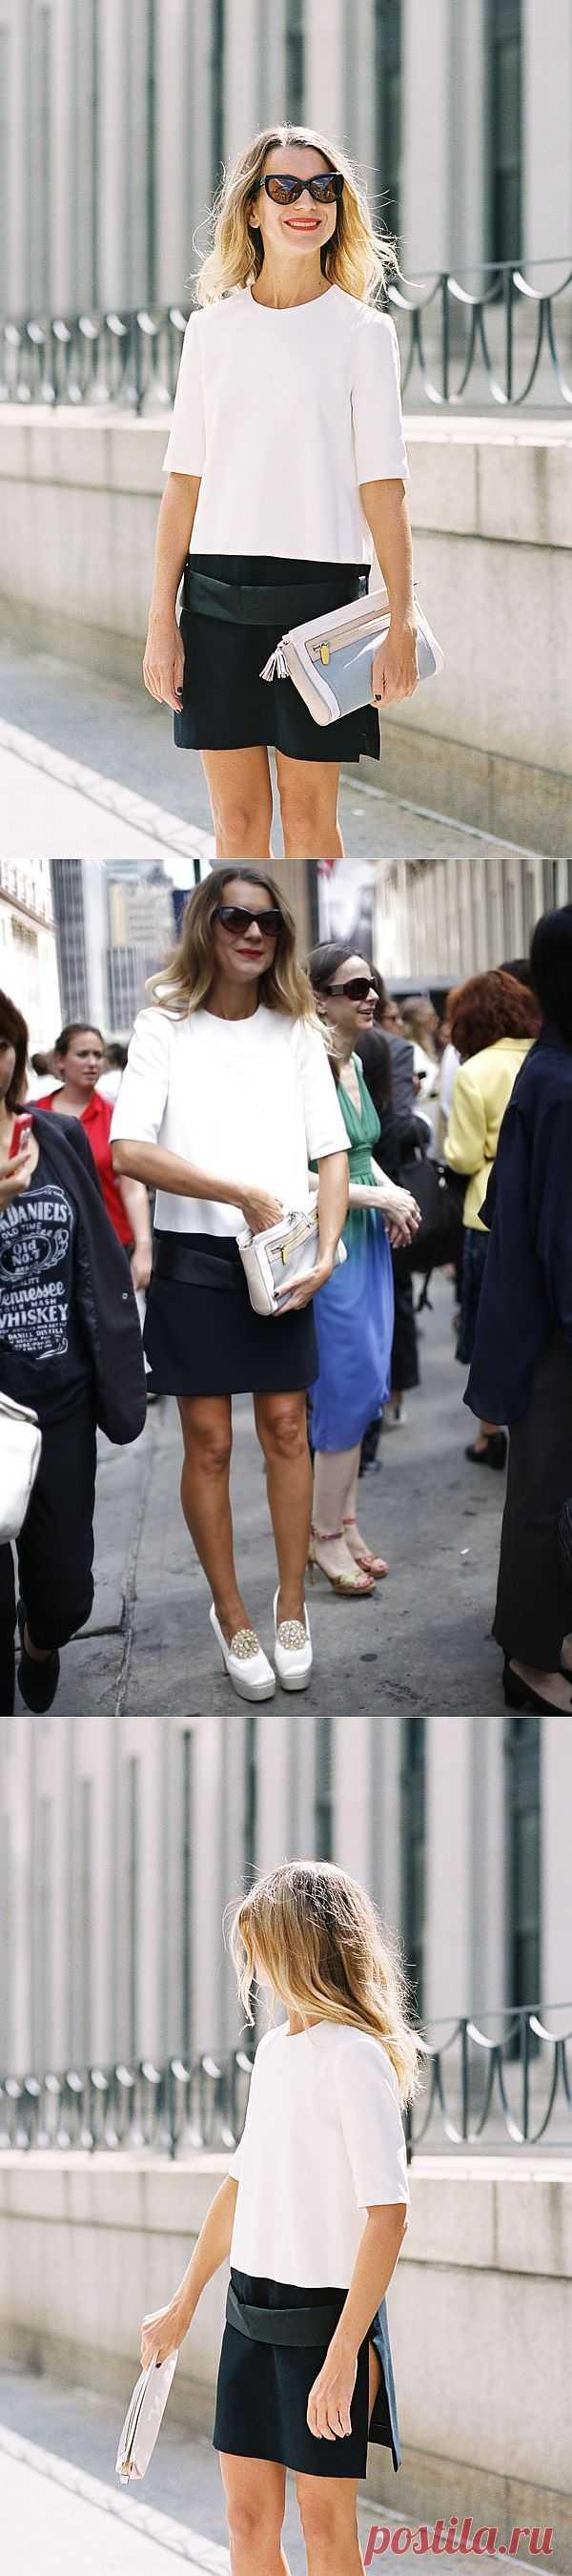 Платье Natalie Joos / Street Style / Модный сайт о стильной переделке одежды и интерьера